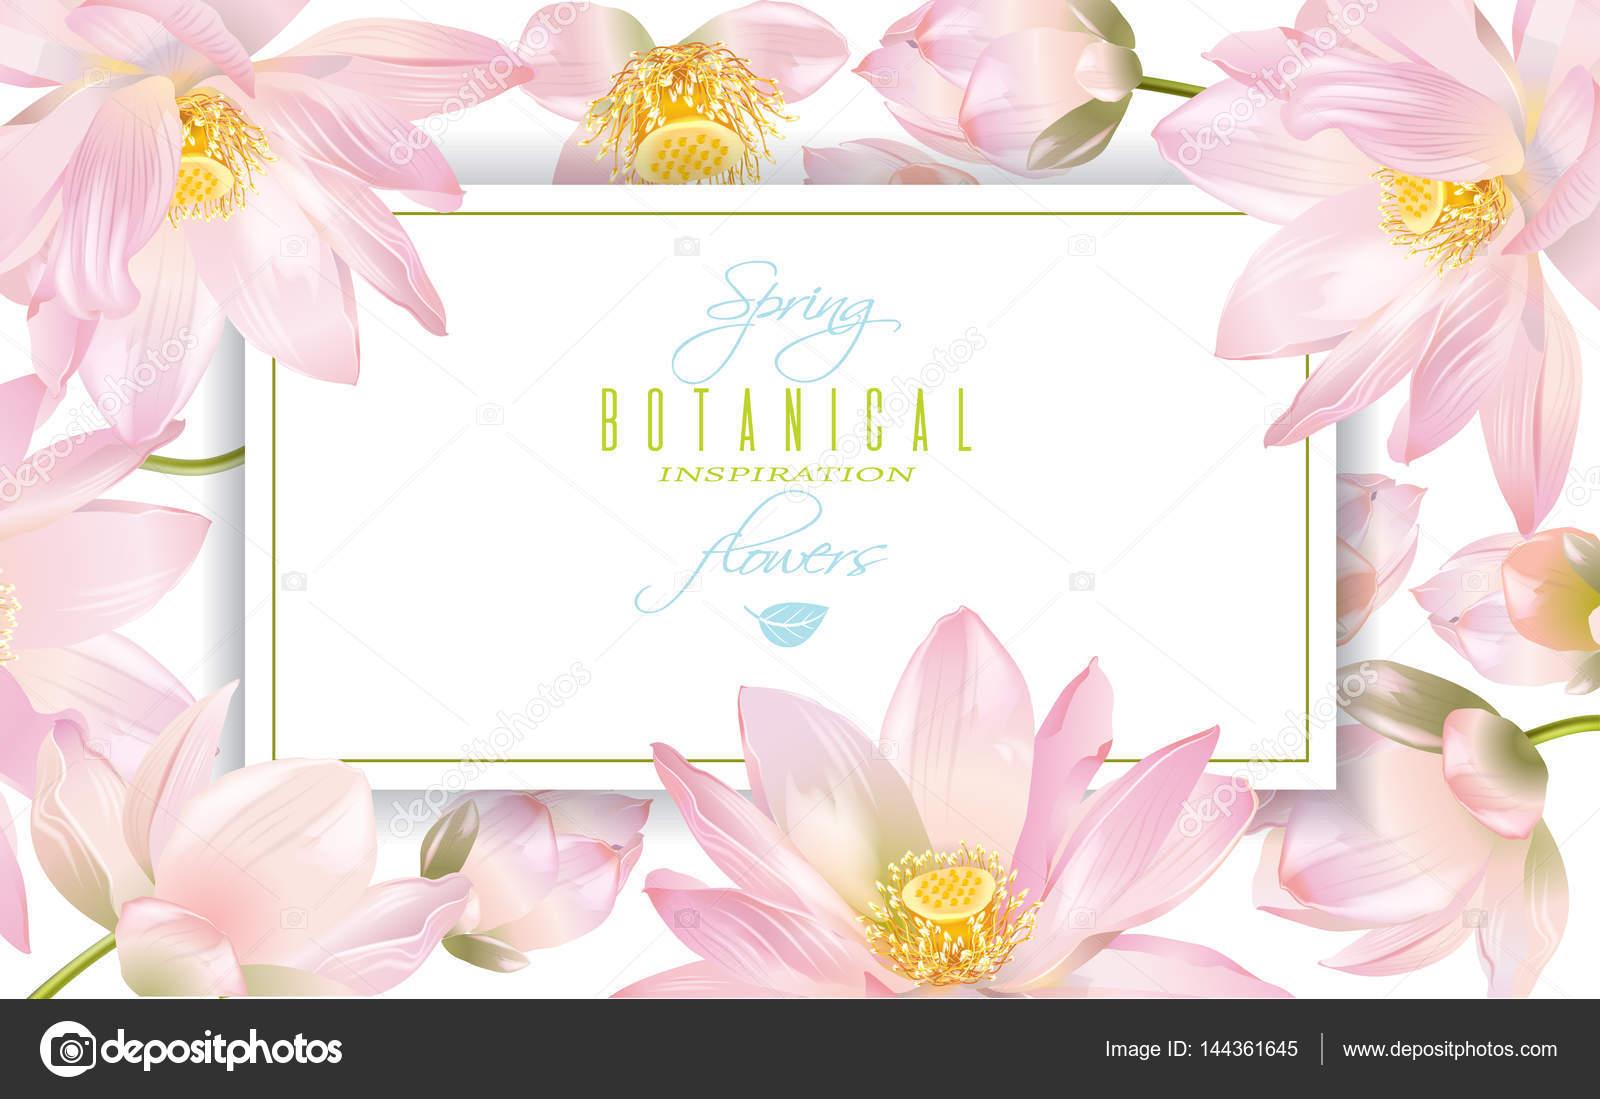 Lotus Flower Banner Stock Vector Purplebird18 144361645